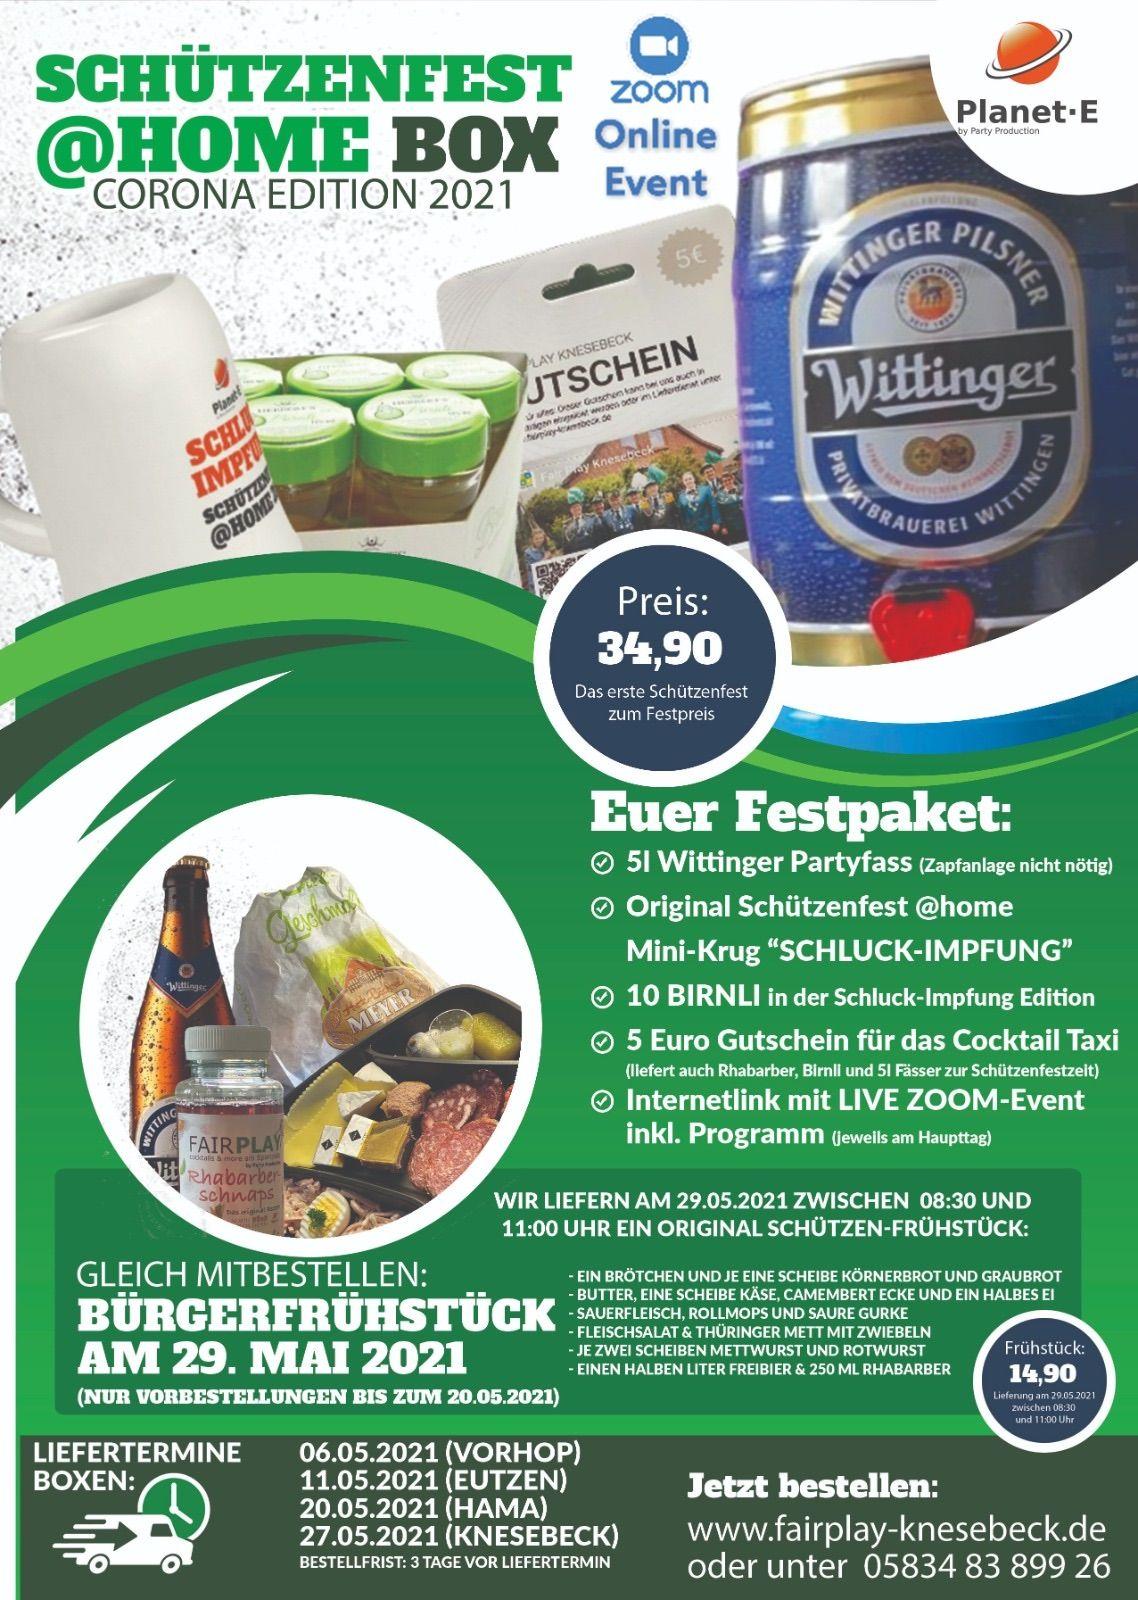 Schützenfest@home | Fair Play Knesebeck